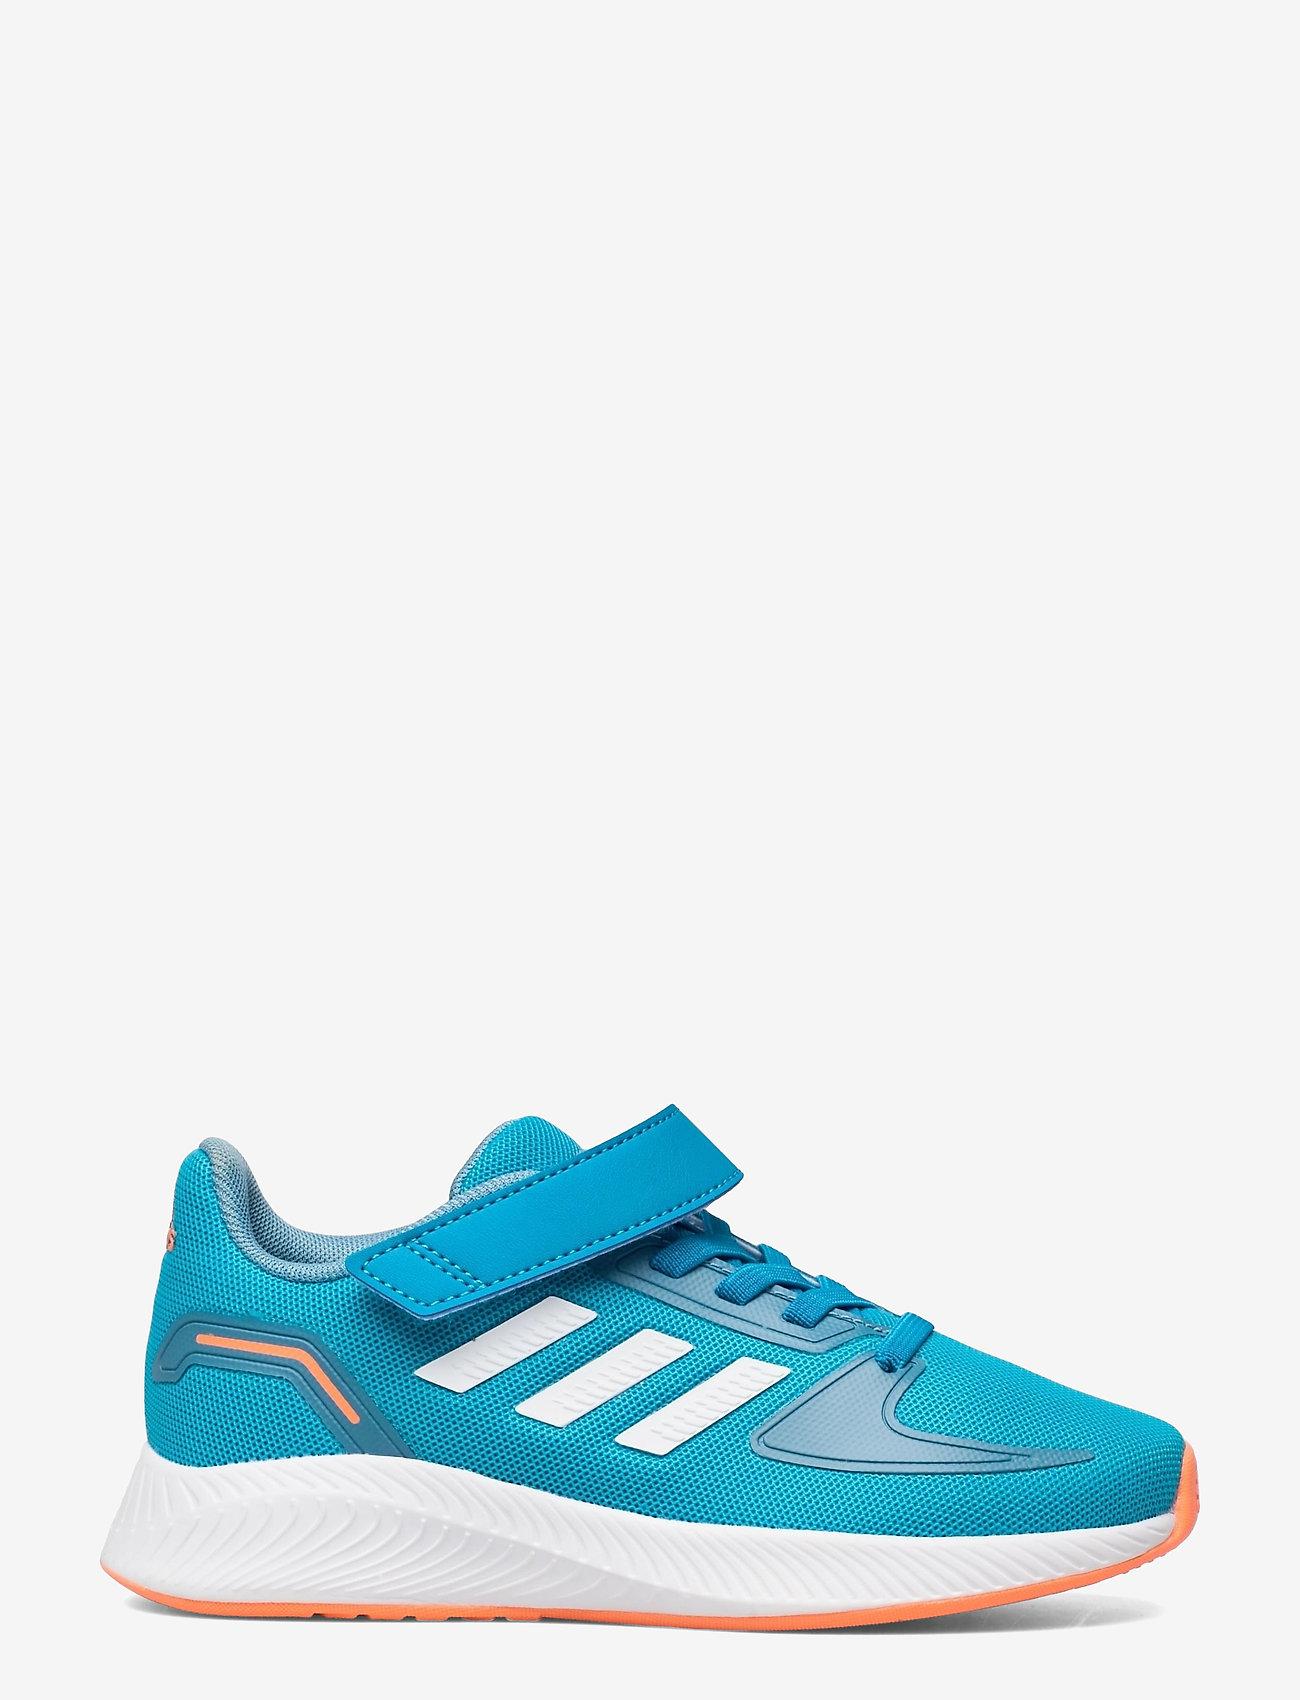 adidas Performance - Runfalcon 2.0 - schuhe - solblu/ftwwht/hazblu - 1